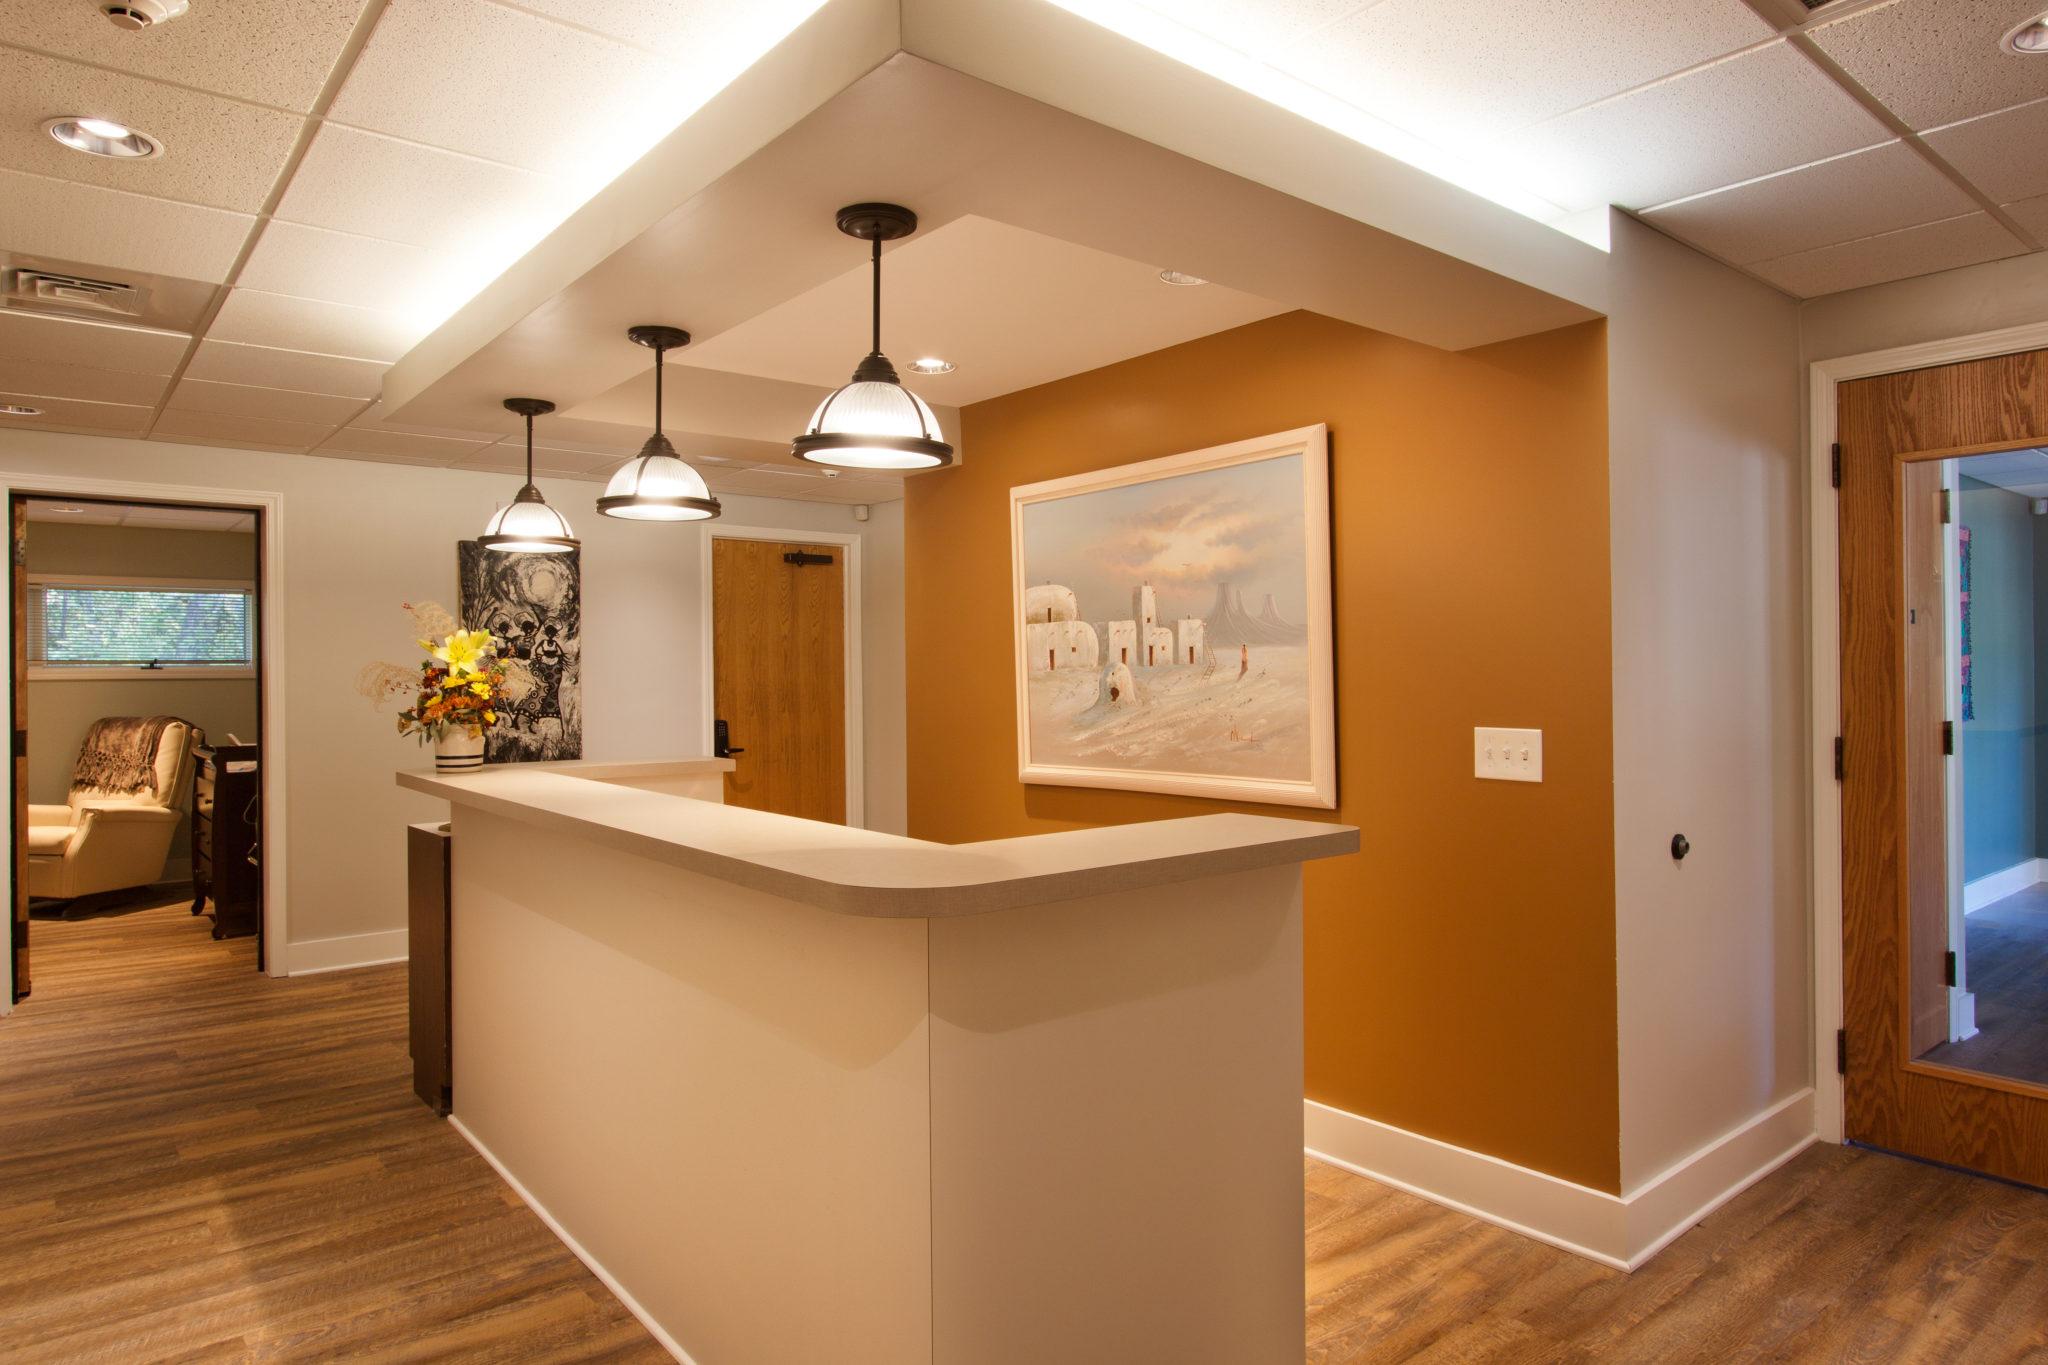 WNC Birth Center Architecture Design